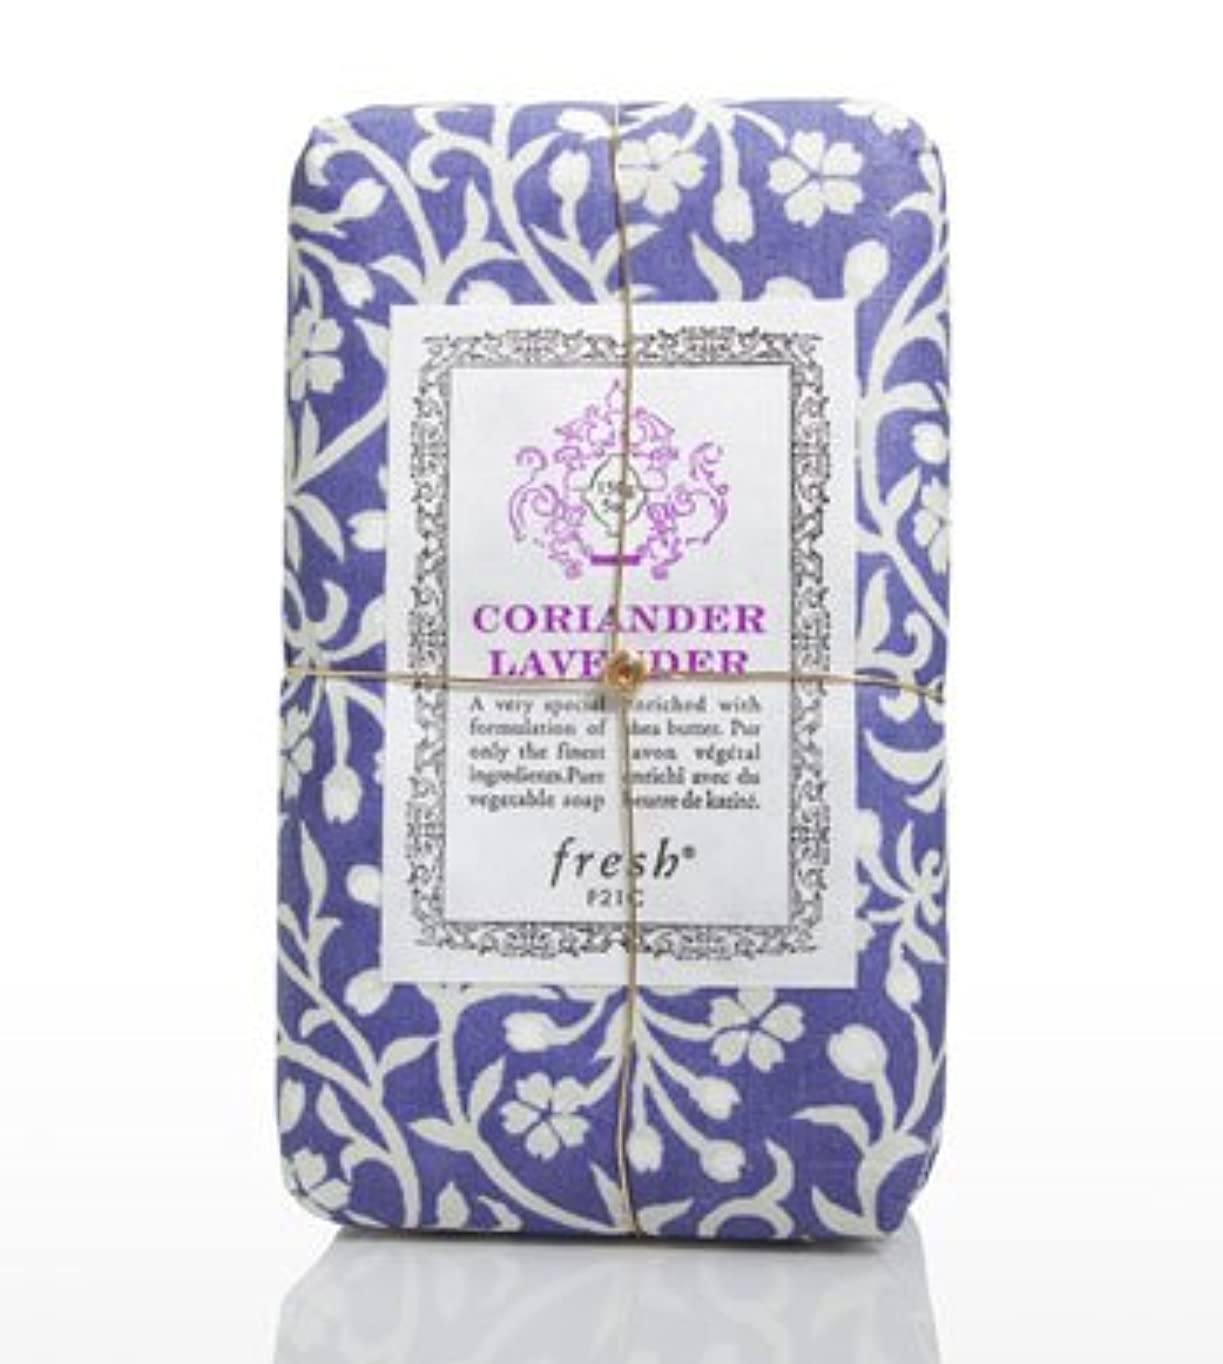 共和党水っぽい露Fresh CORIANDER LAVENDAR SOAP(フレッシュ コリアンダーラベンダー ソープ) 5.0 oz (150gl) 石鹸 by Fresh